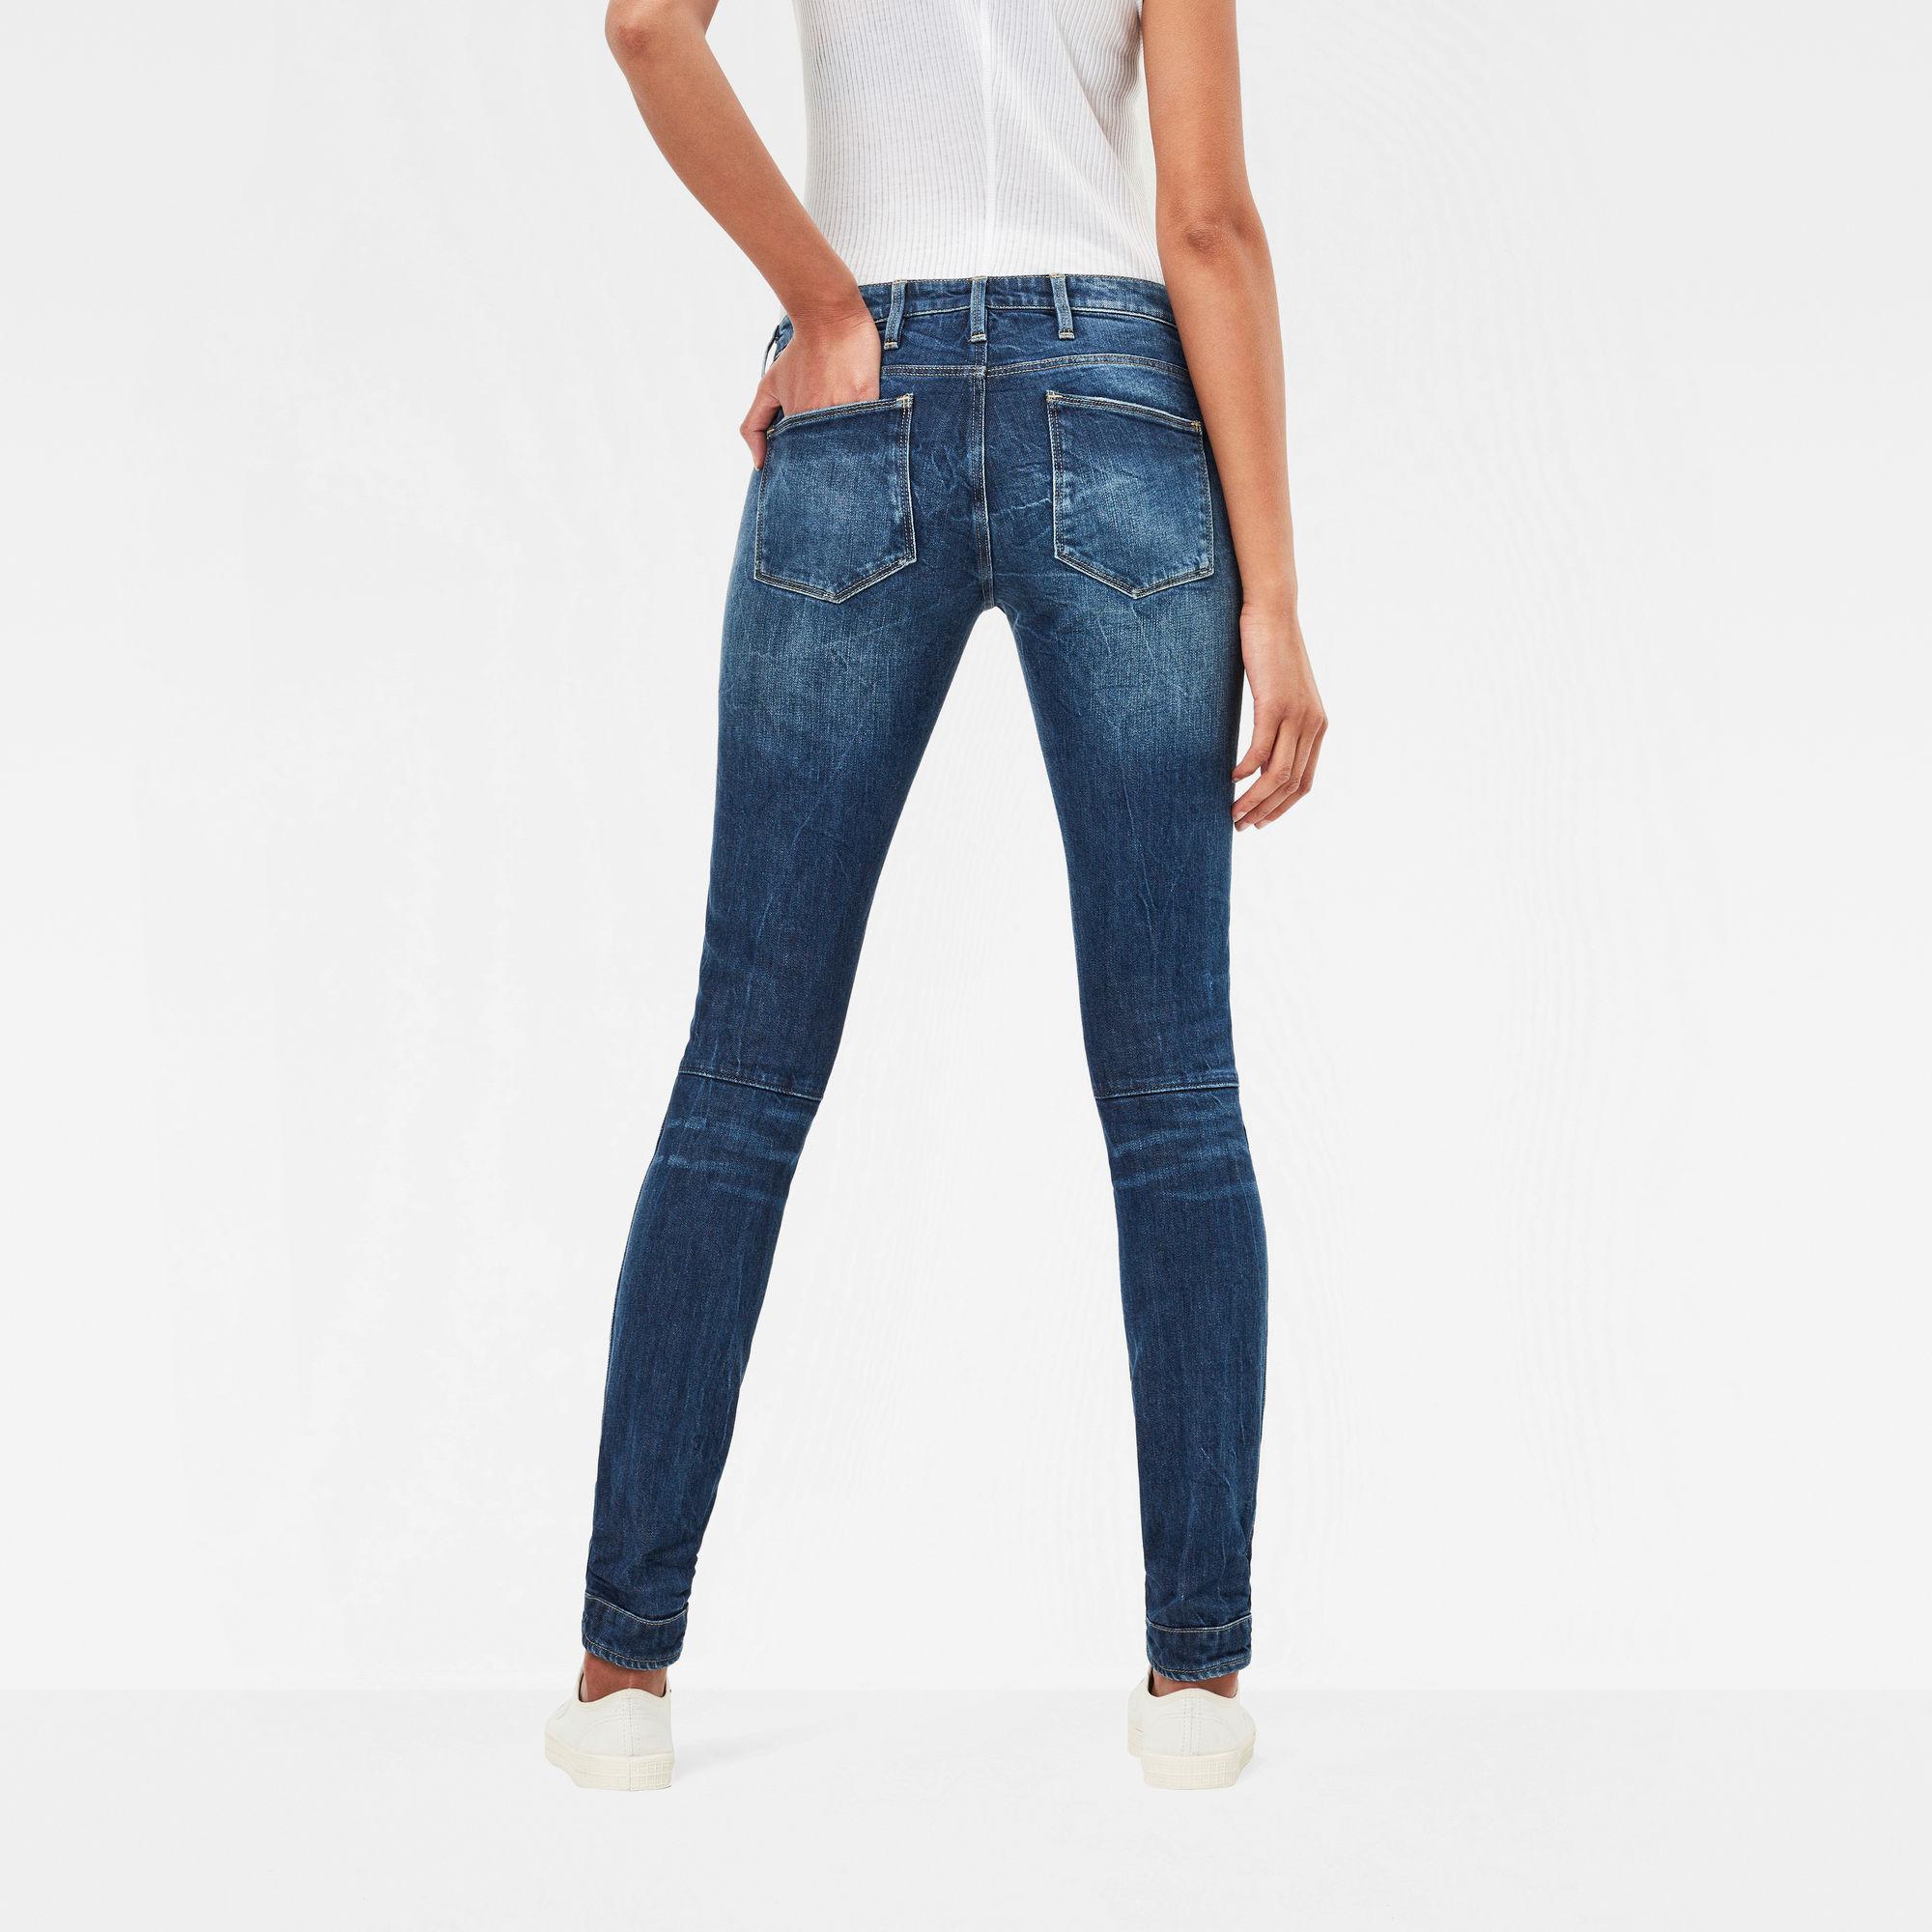 5620 G-Star Elwood Mid Waist Skinny Jeans